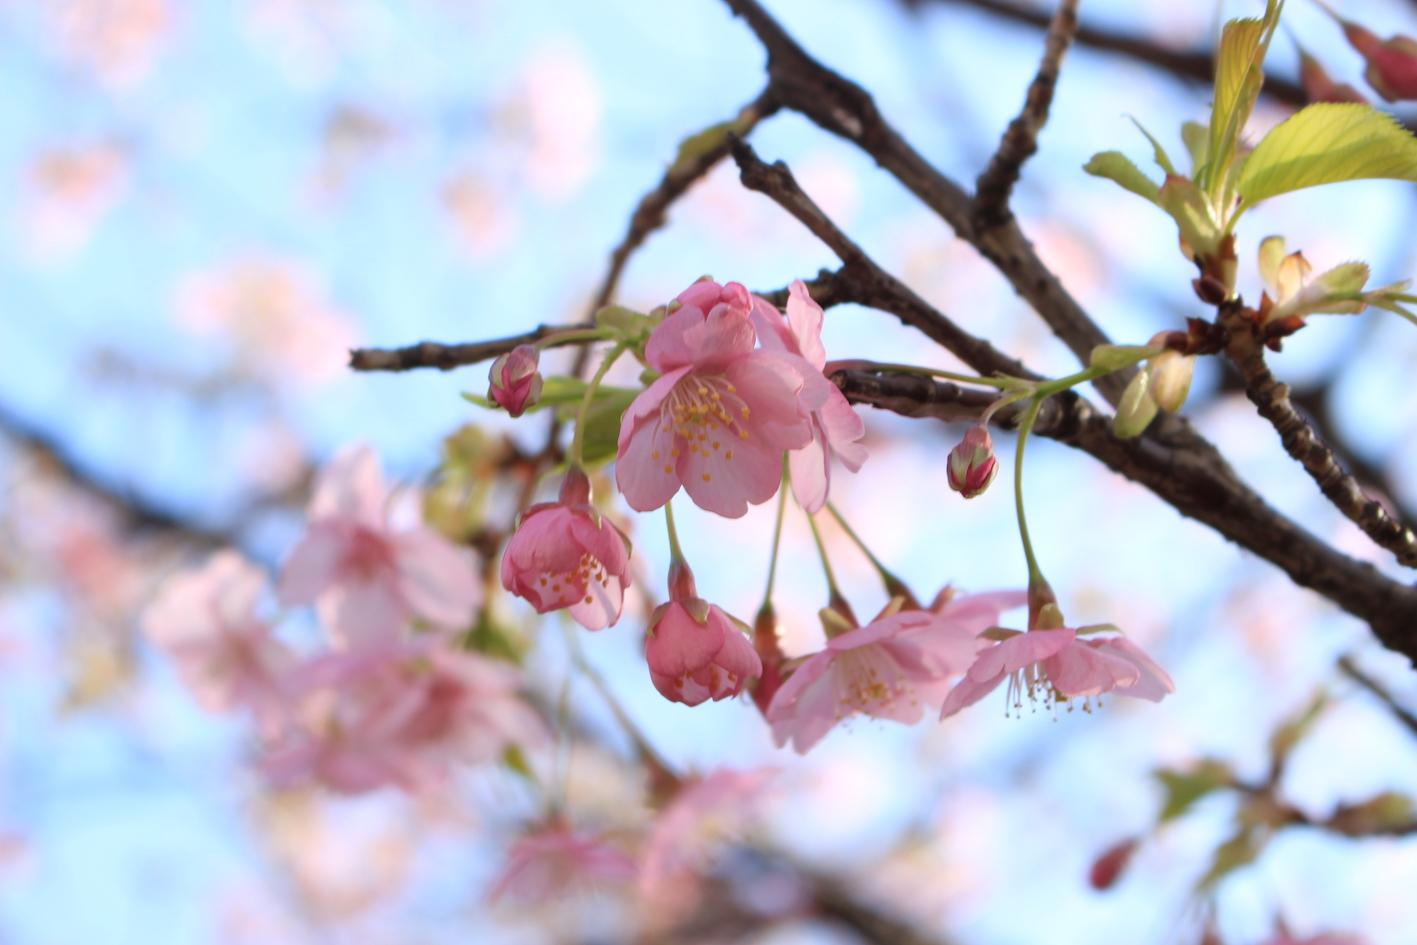 背景がボヤけた梅の花